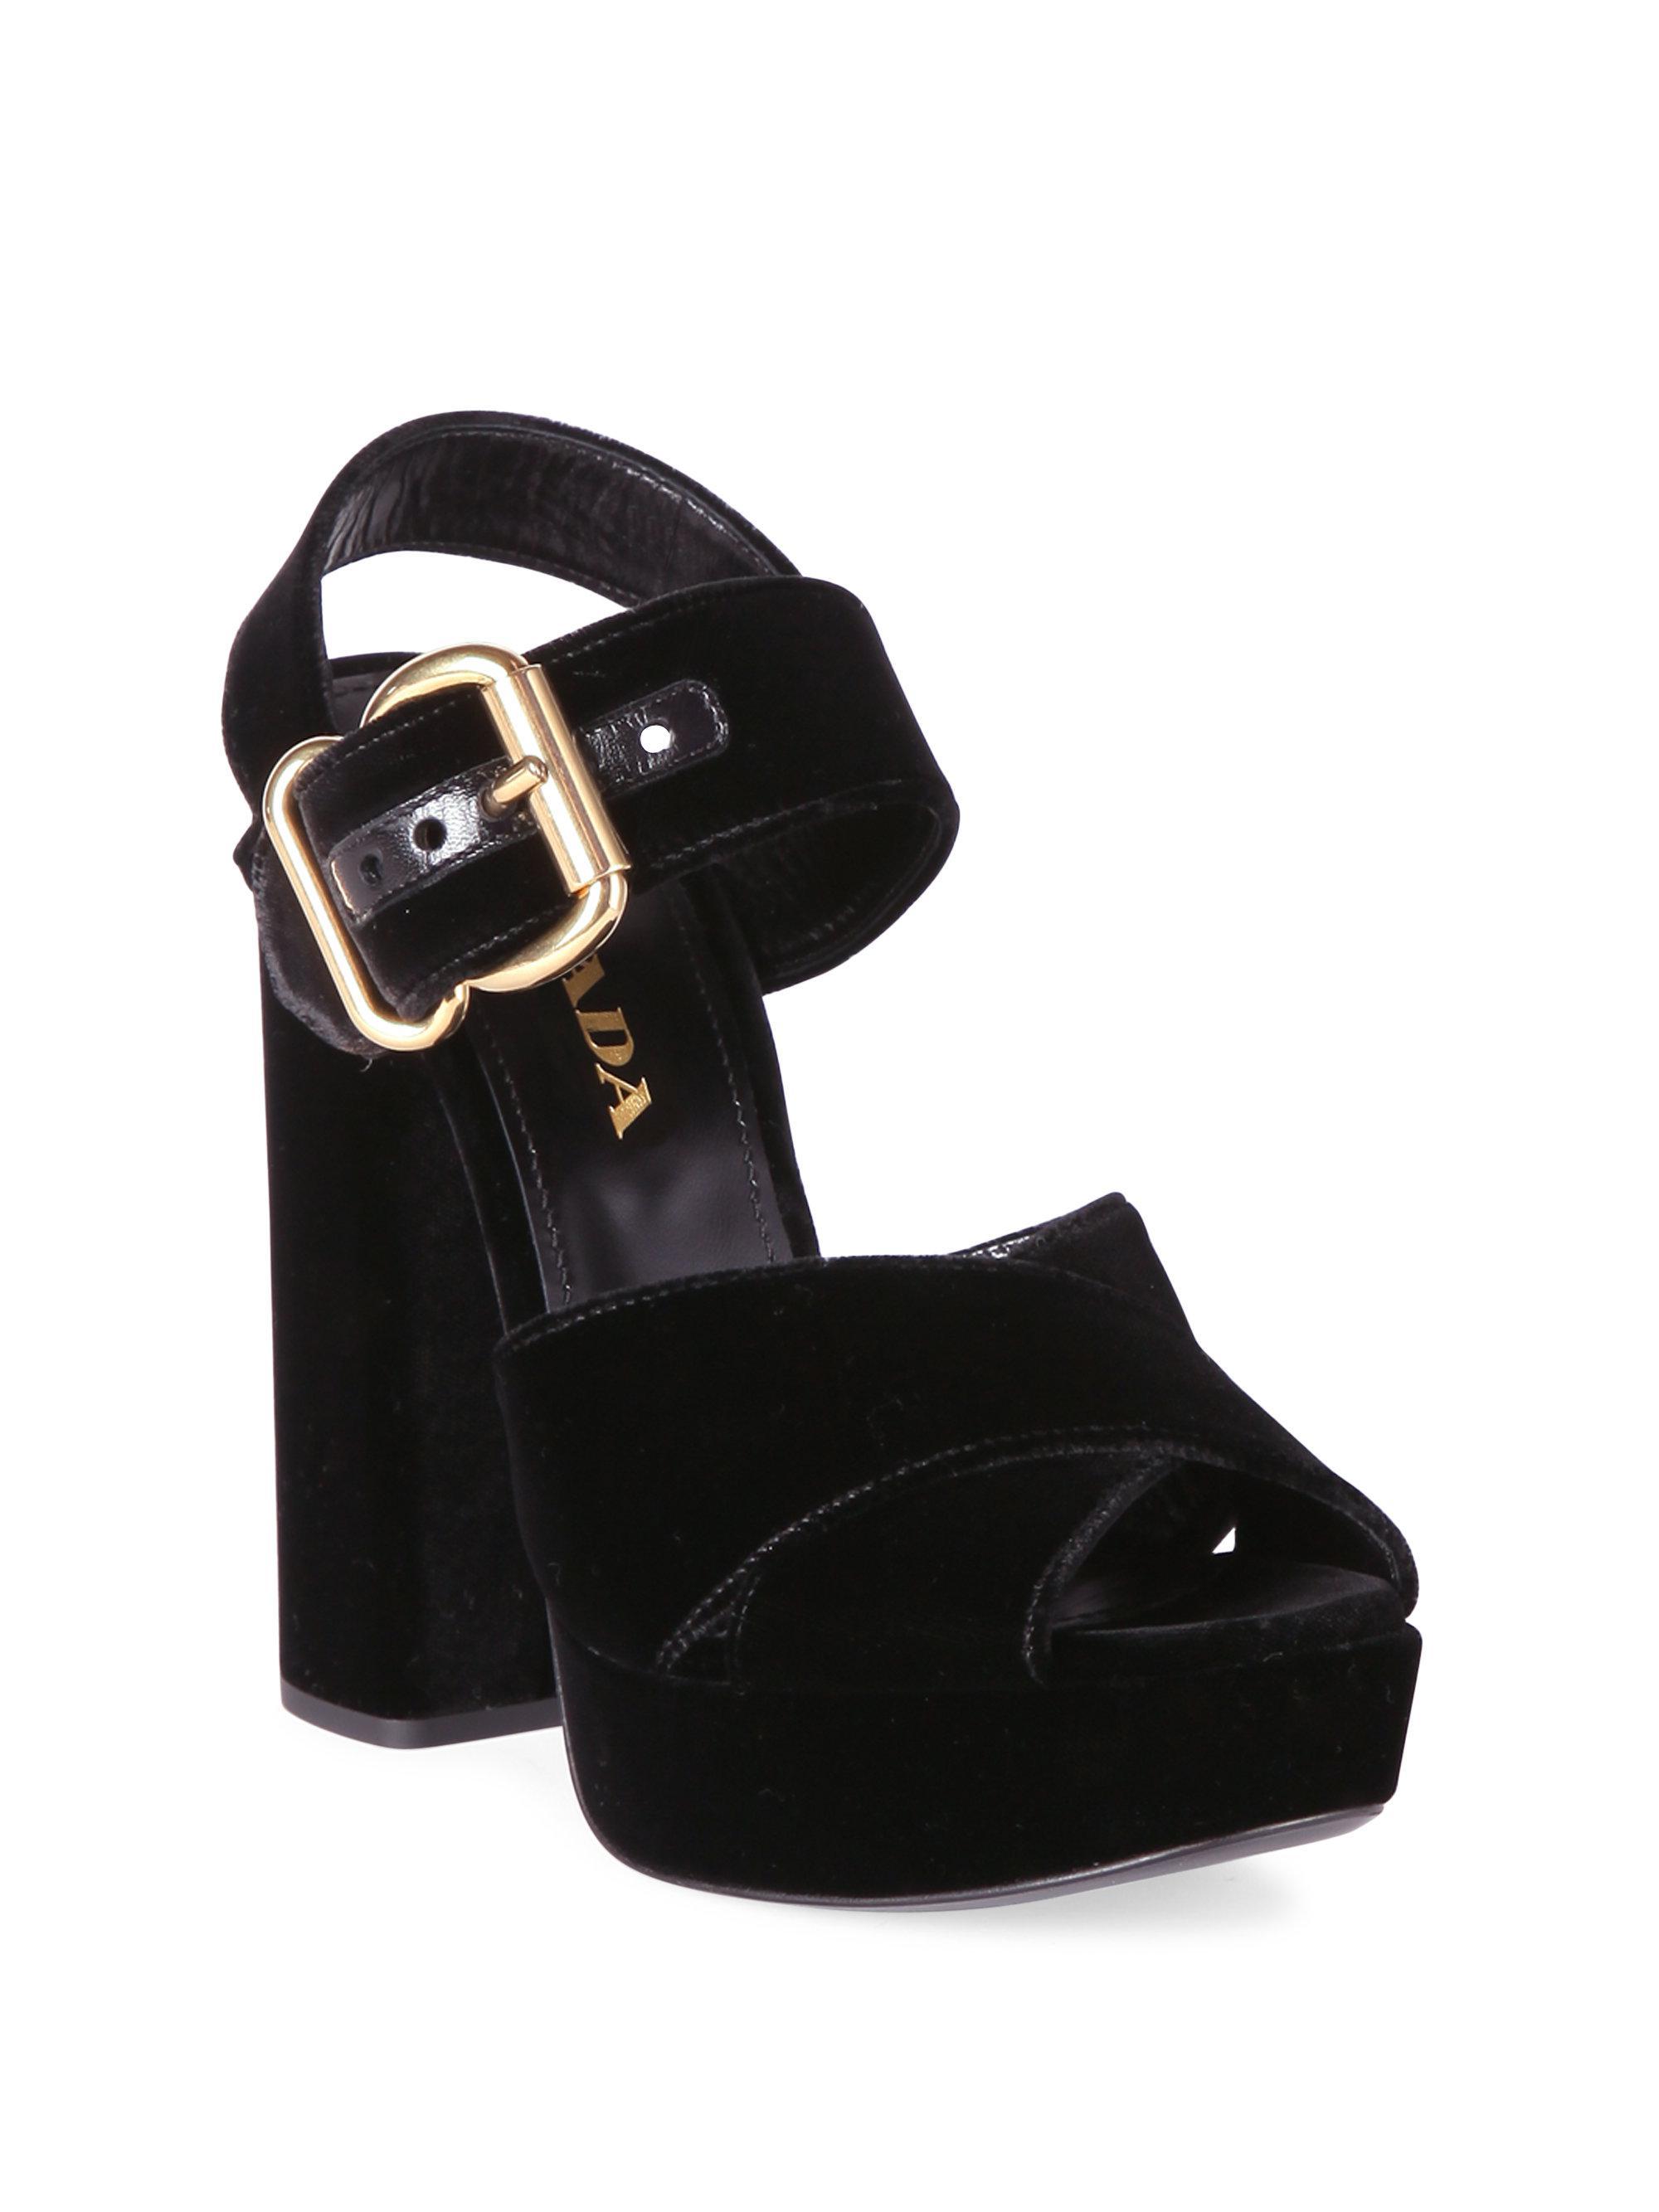 627554c63bd7 Prada Velvet Platform Slingback Sandals in Black - Lyst